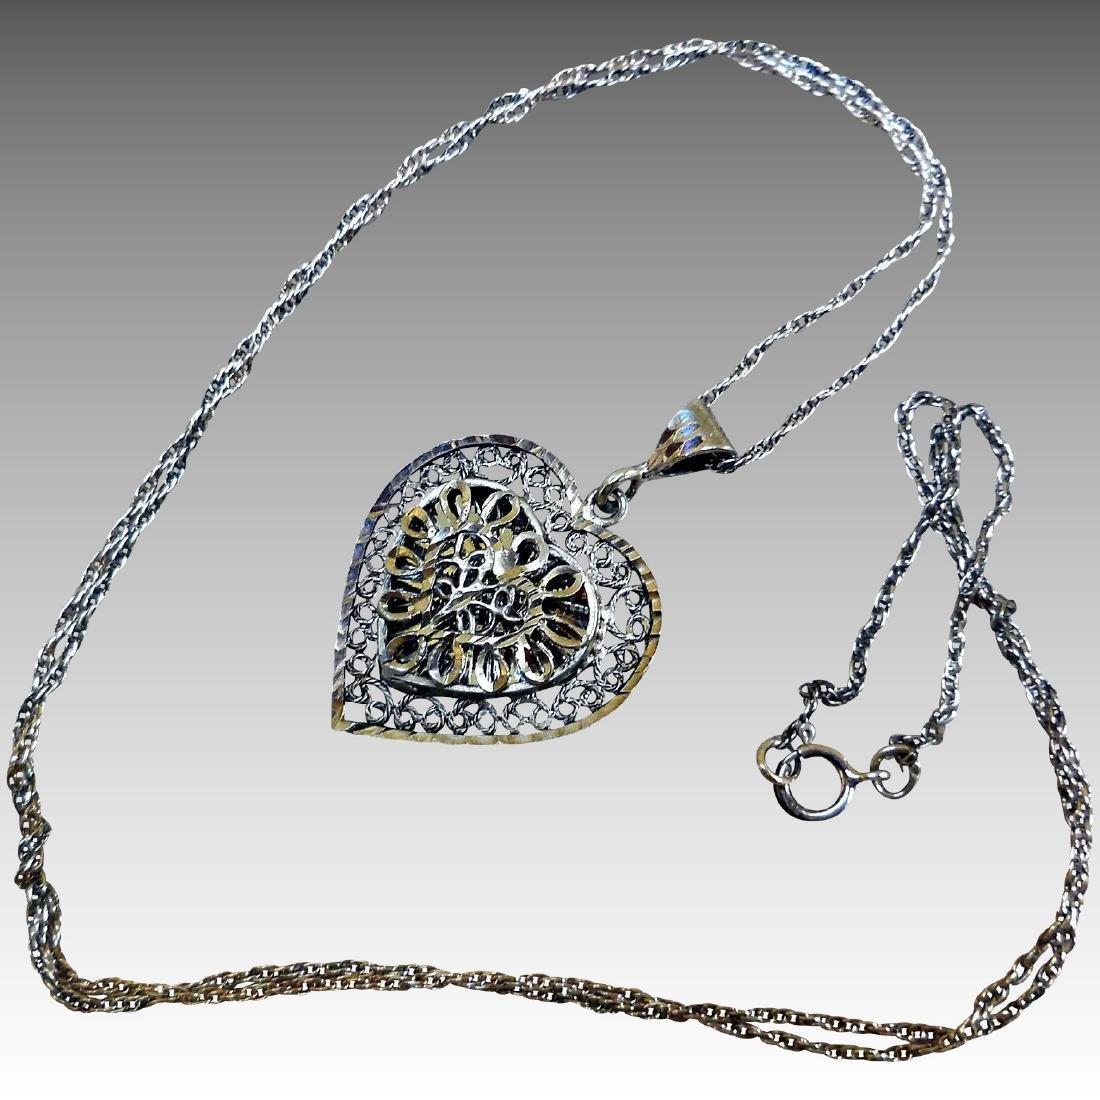 Vintage Sterling Silver Filigree Heart Necklace